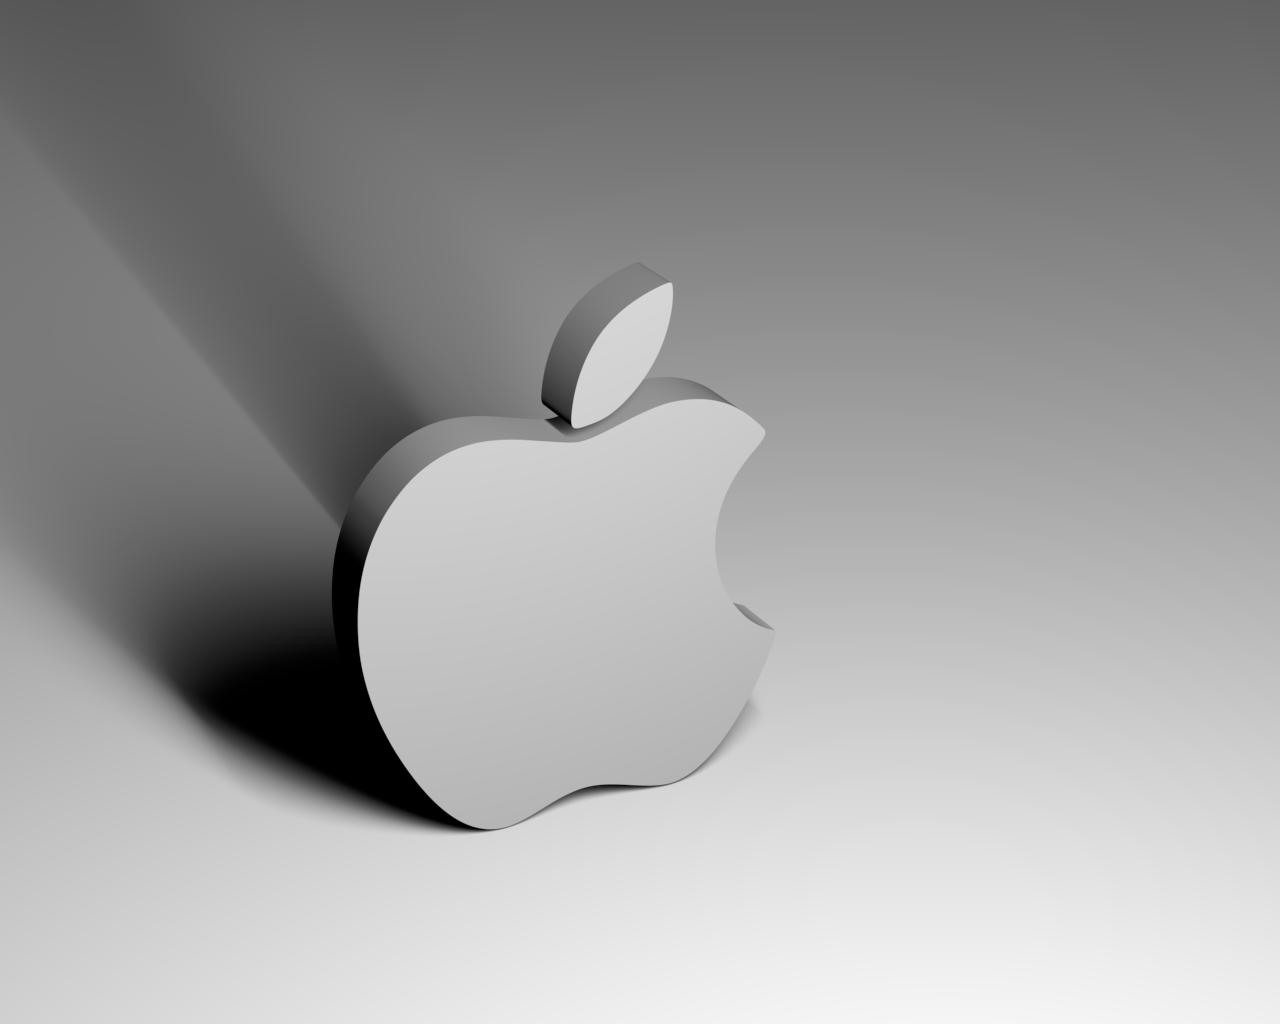 Hàng ngàn ứng dụng đang thu thập dữ liệu iPhone